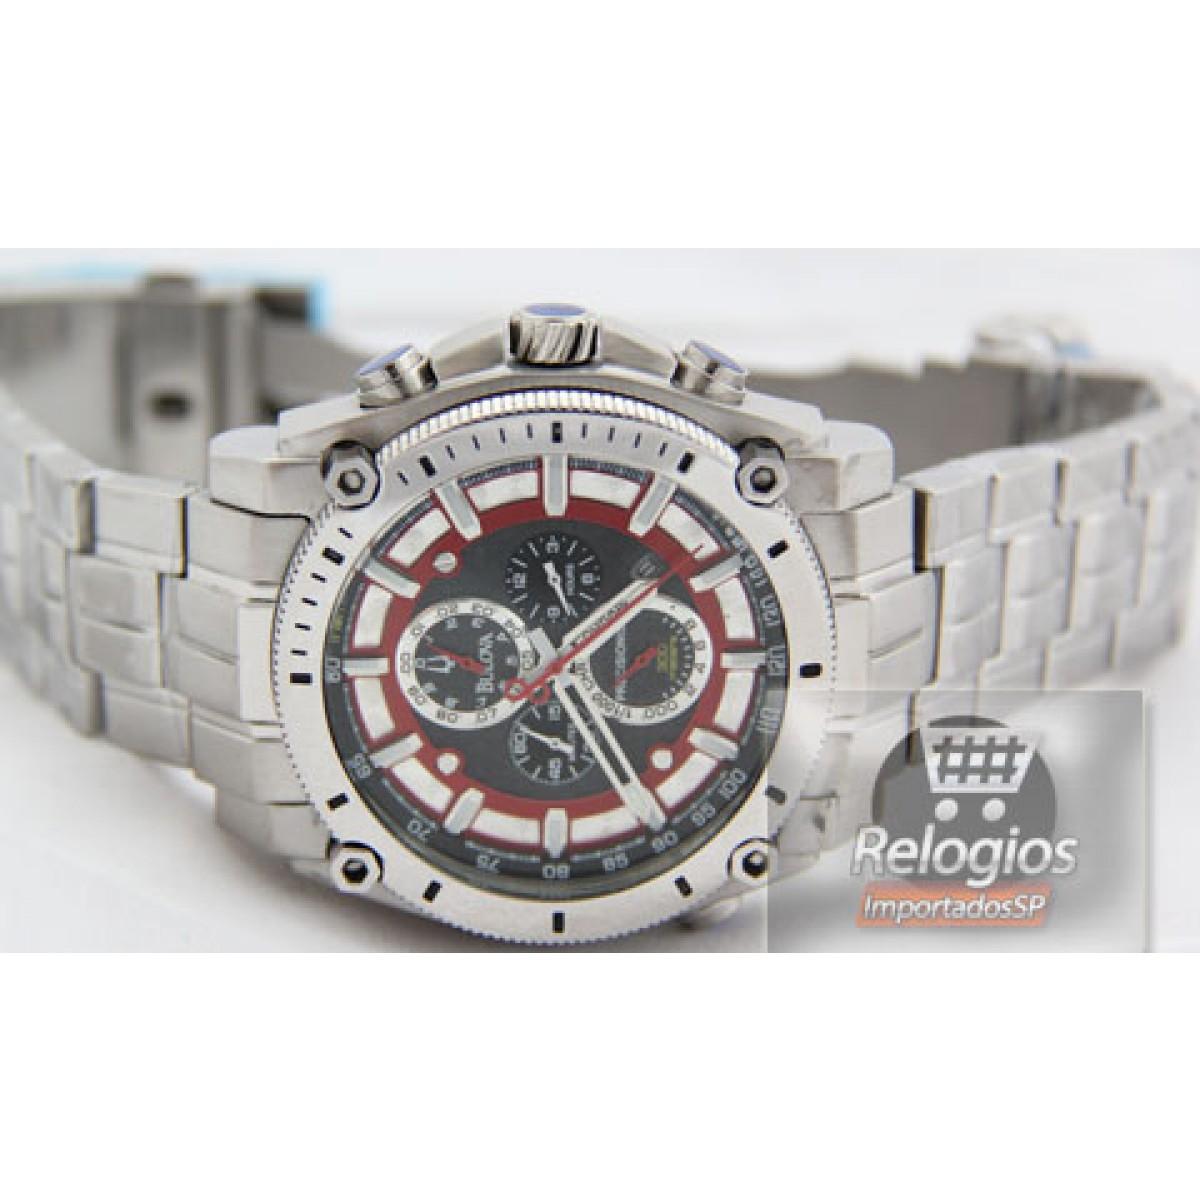 a56c1ea787b Relógio Réplica Bulova Precisionist Red